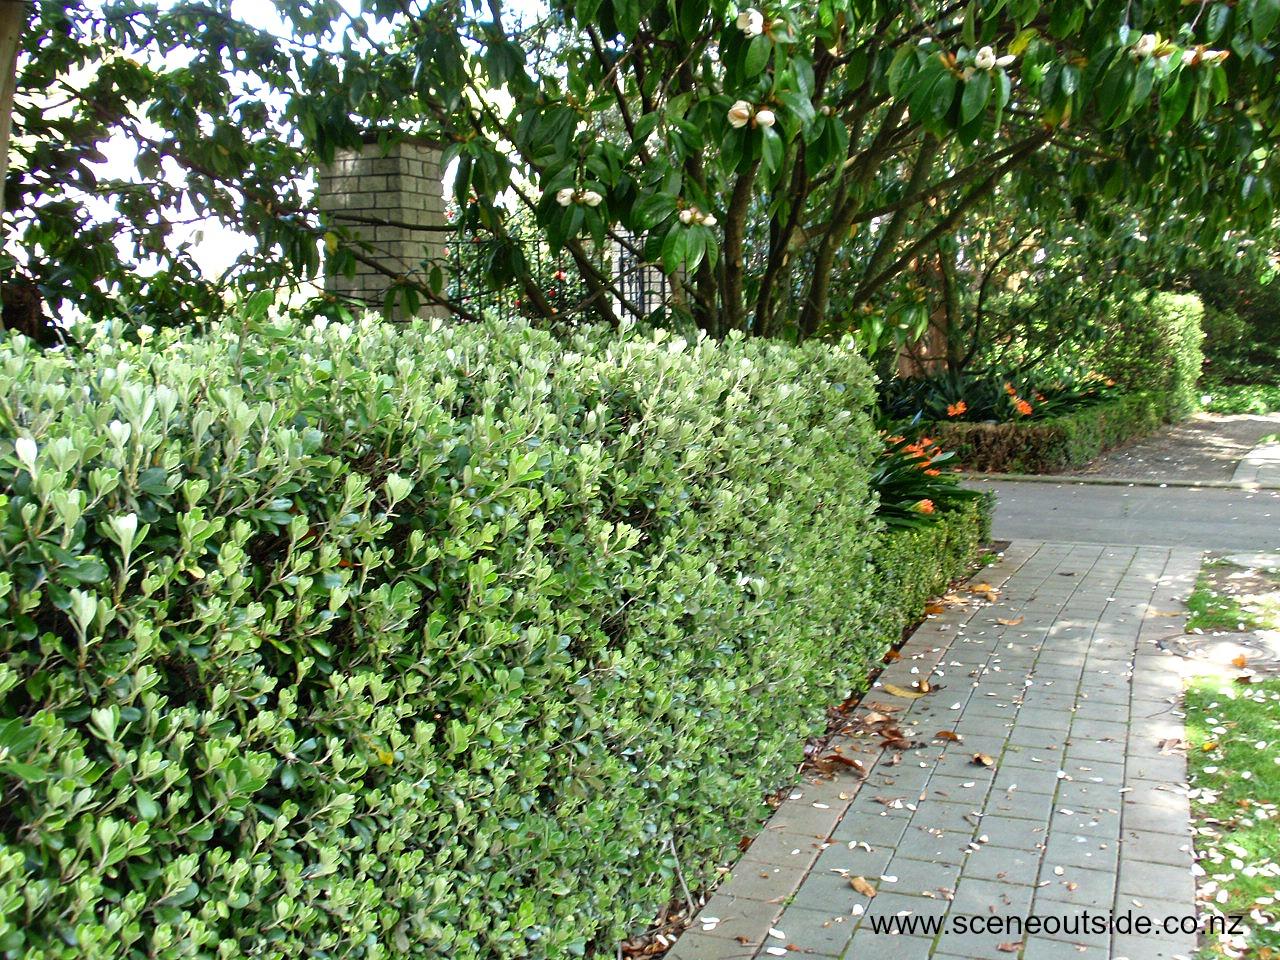 NZ Native Shrub/Hedge -  Pittosporum crassifolium karo   Image Via: http://aboutgardendesign.com/plant-guide/item/pittosporum-crassifolium